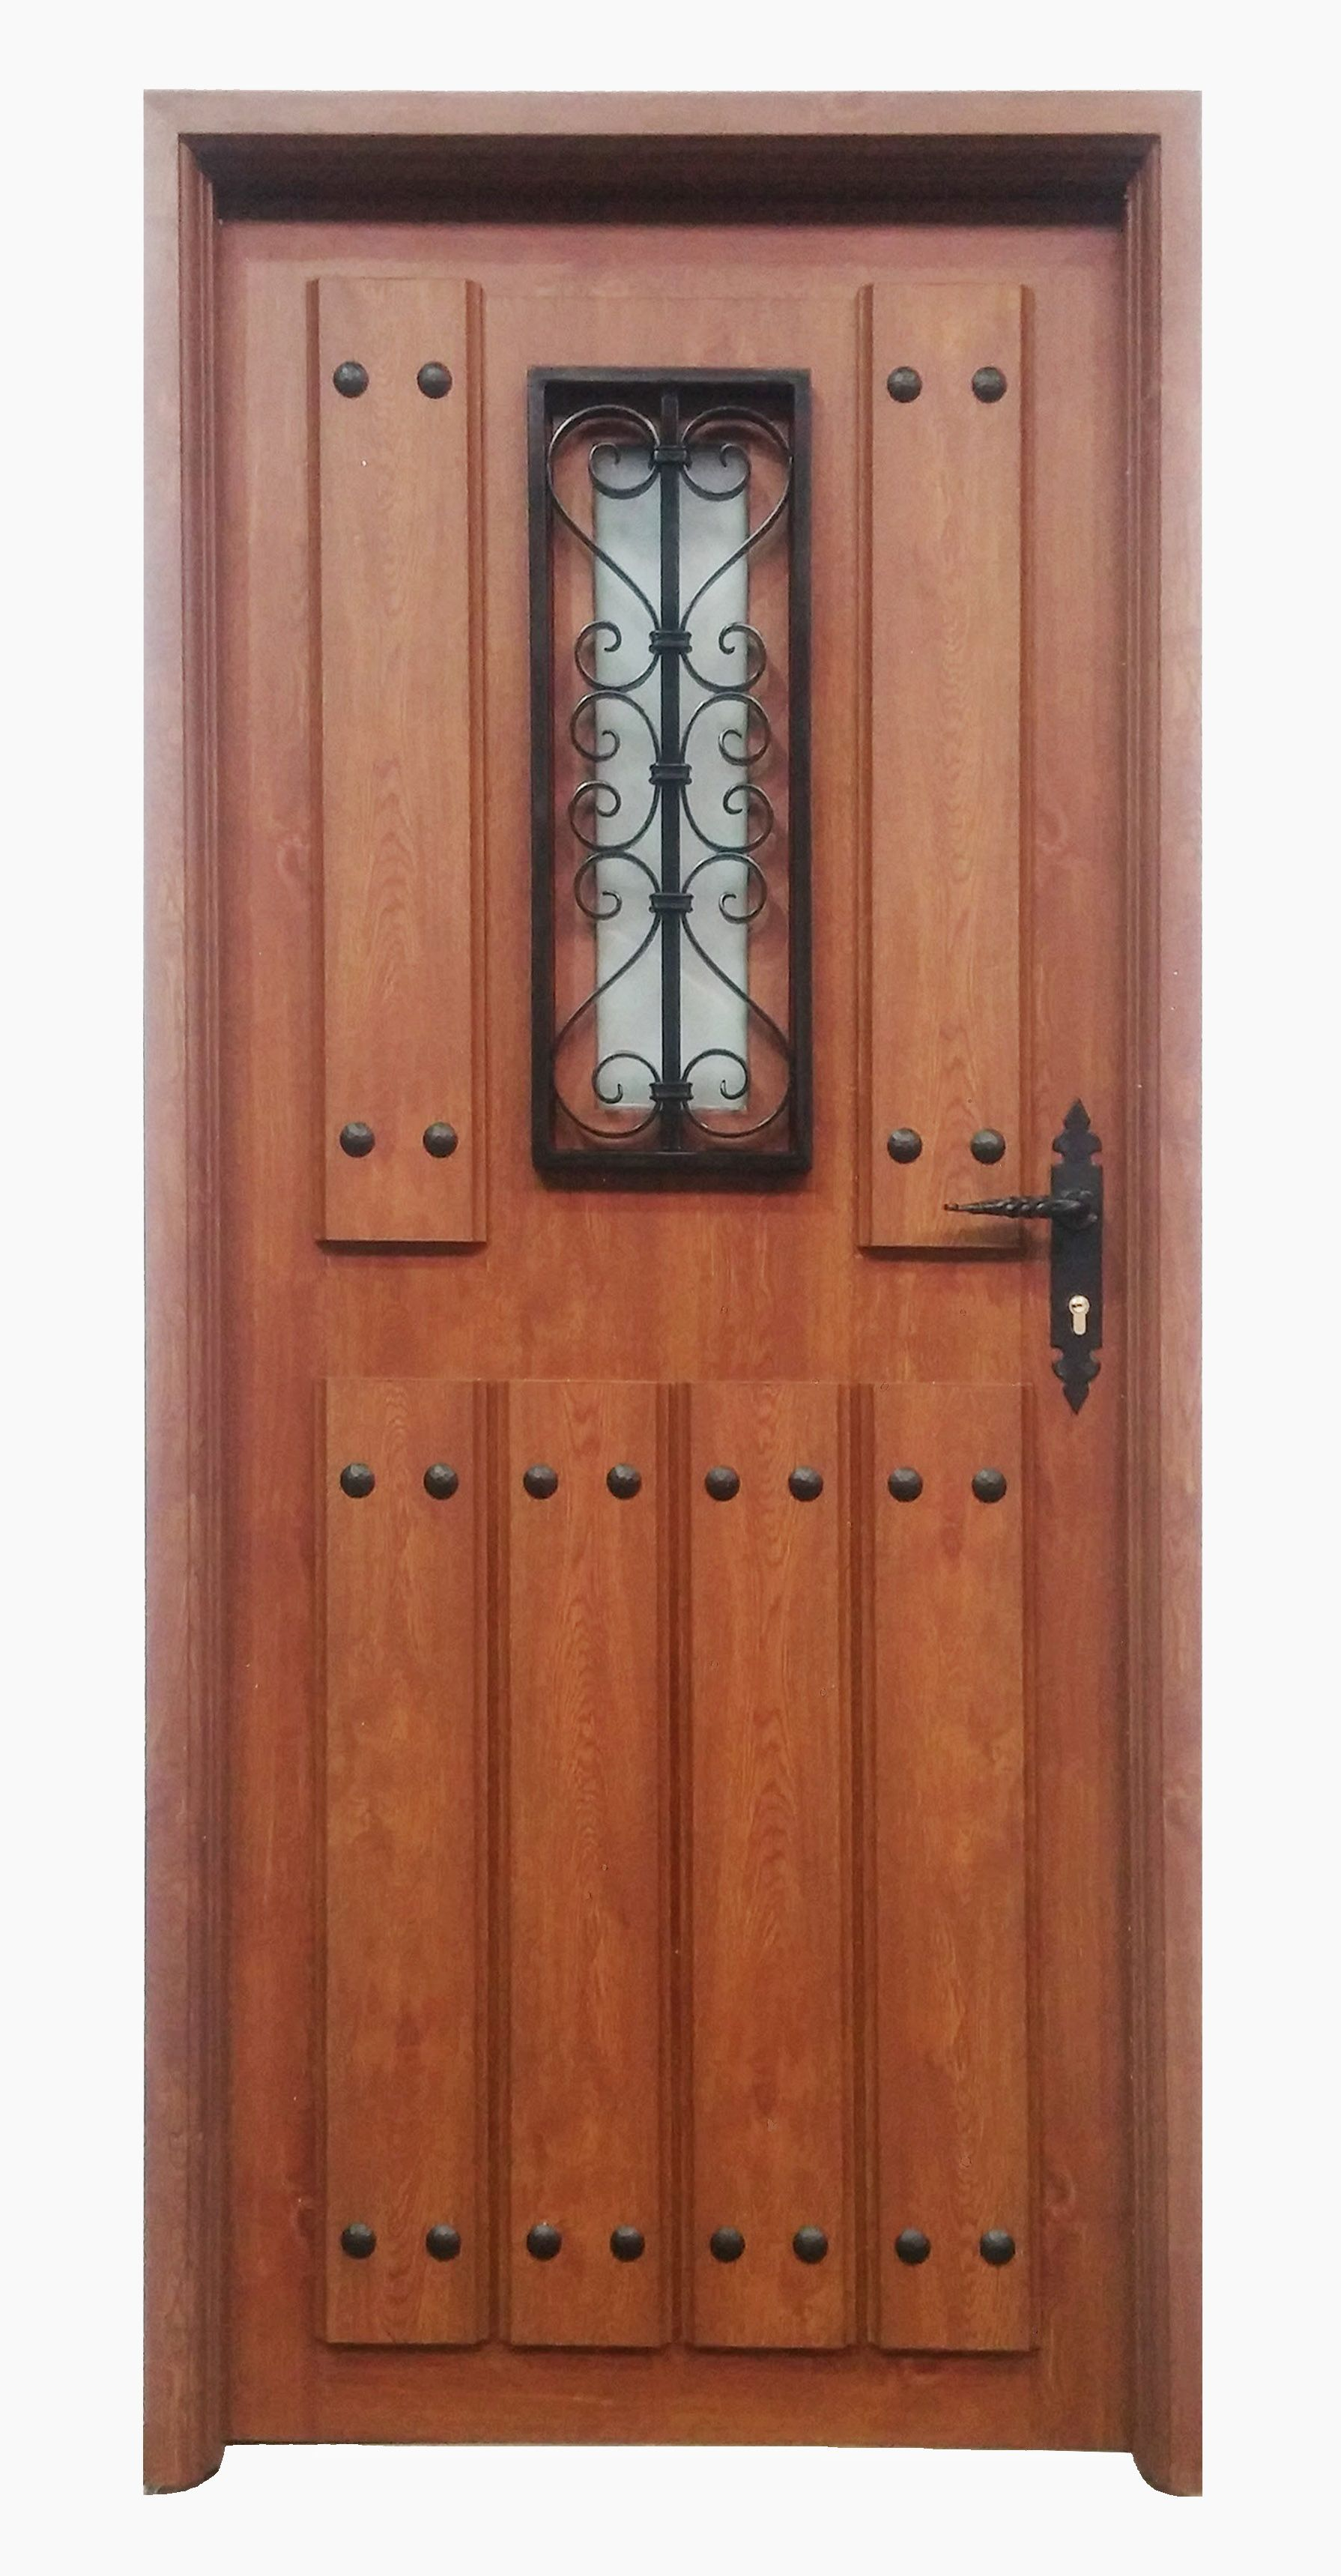 Puerta rustica aragon ventana en color embero puertas for Puertas interiores rusticas